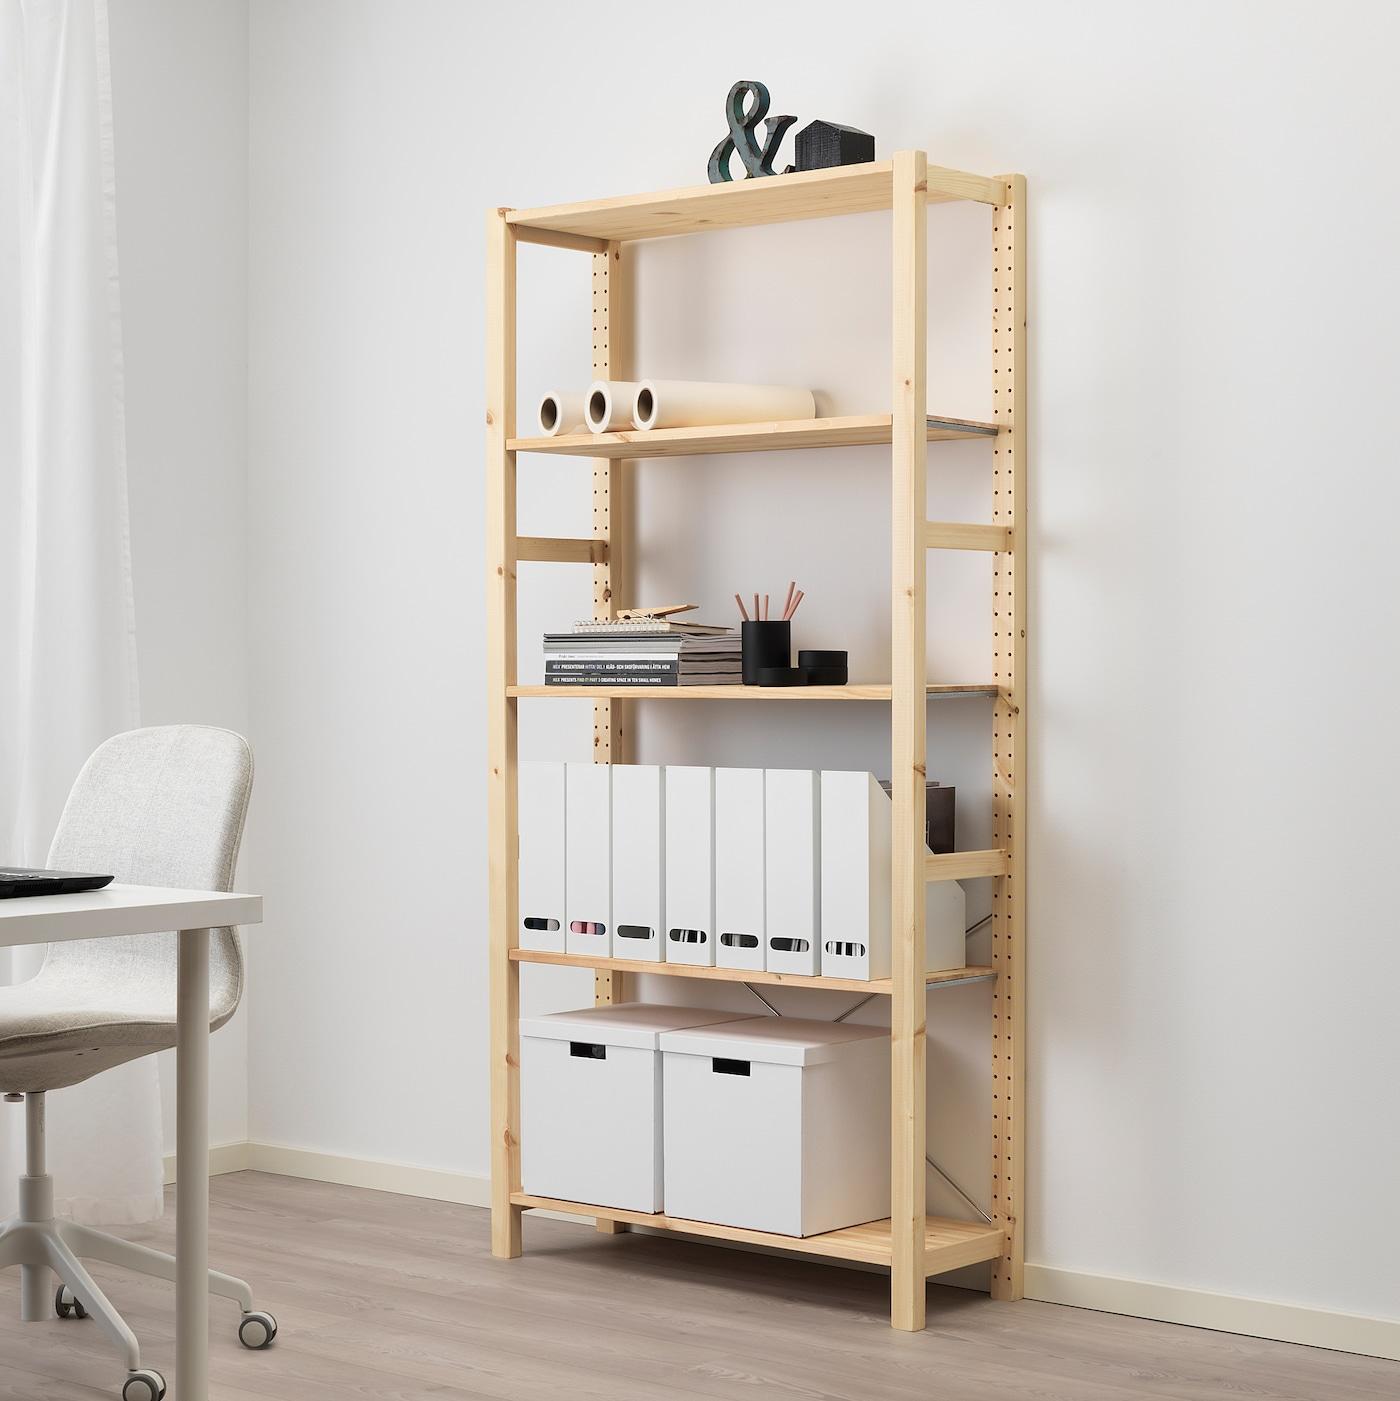 Ivar Regal Kiefer Alle Details Findest Du Hier Ikea Deutschland